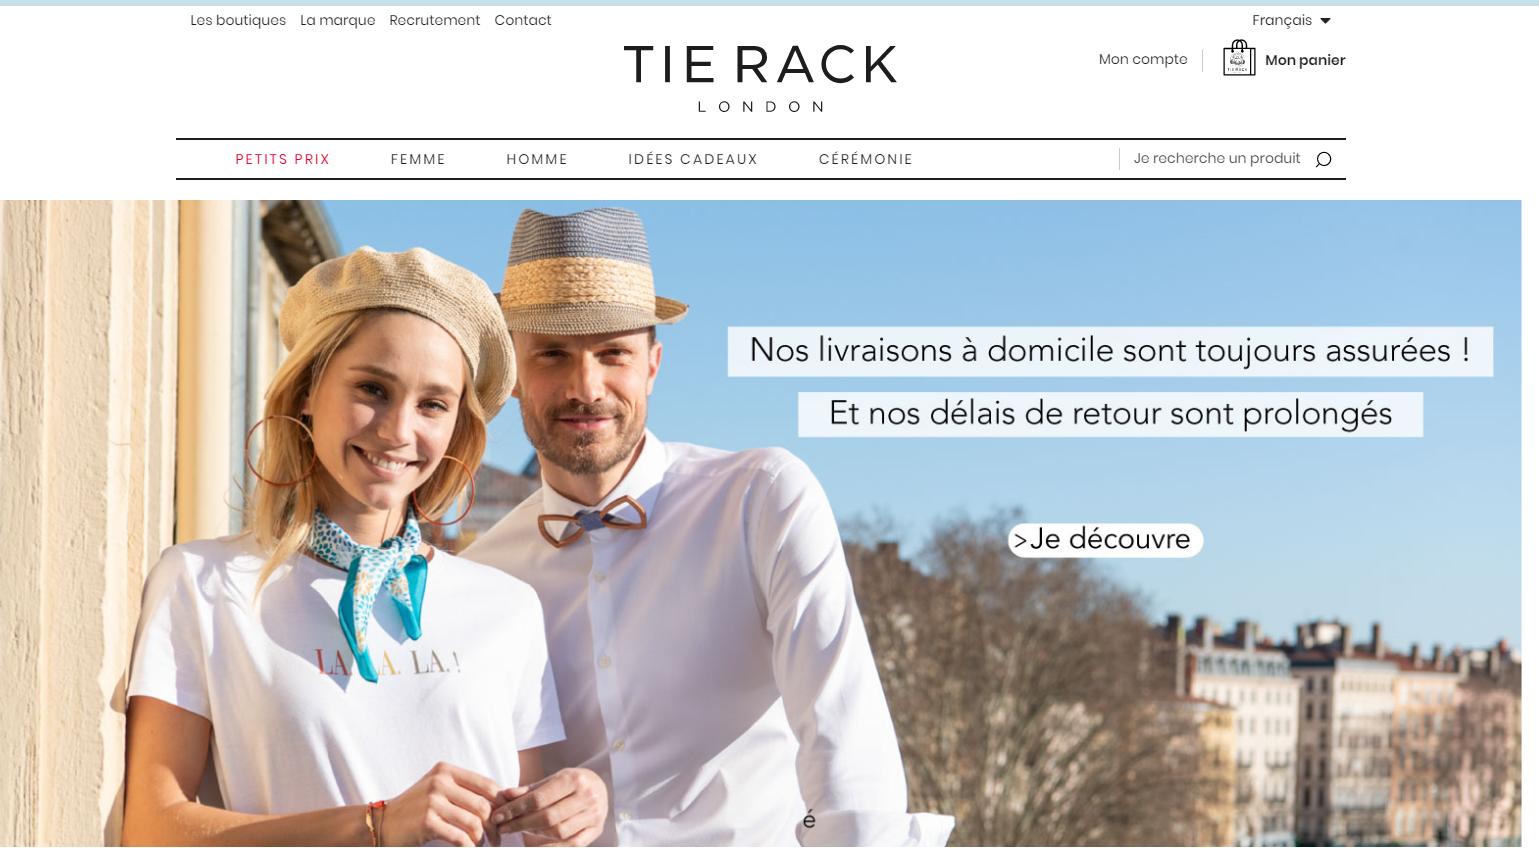 Bandeau de réassurance sur le site TieRack